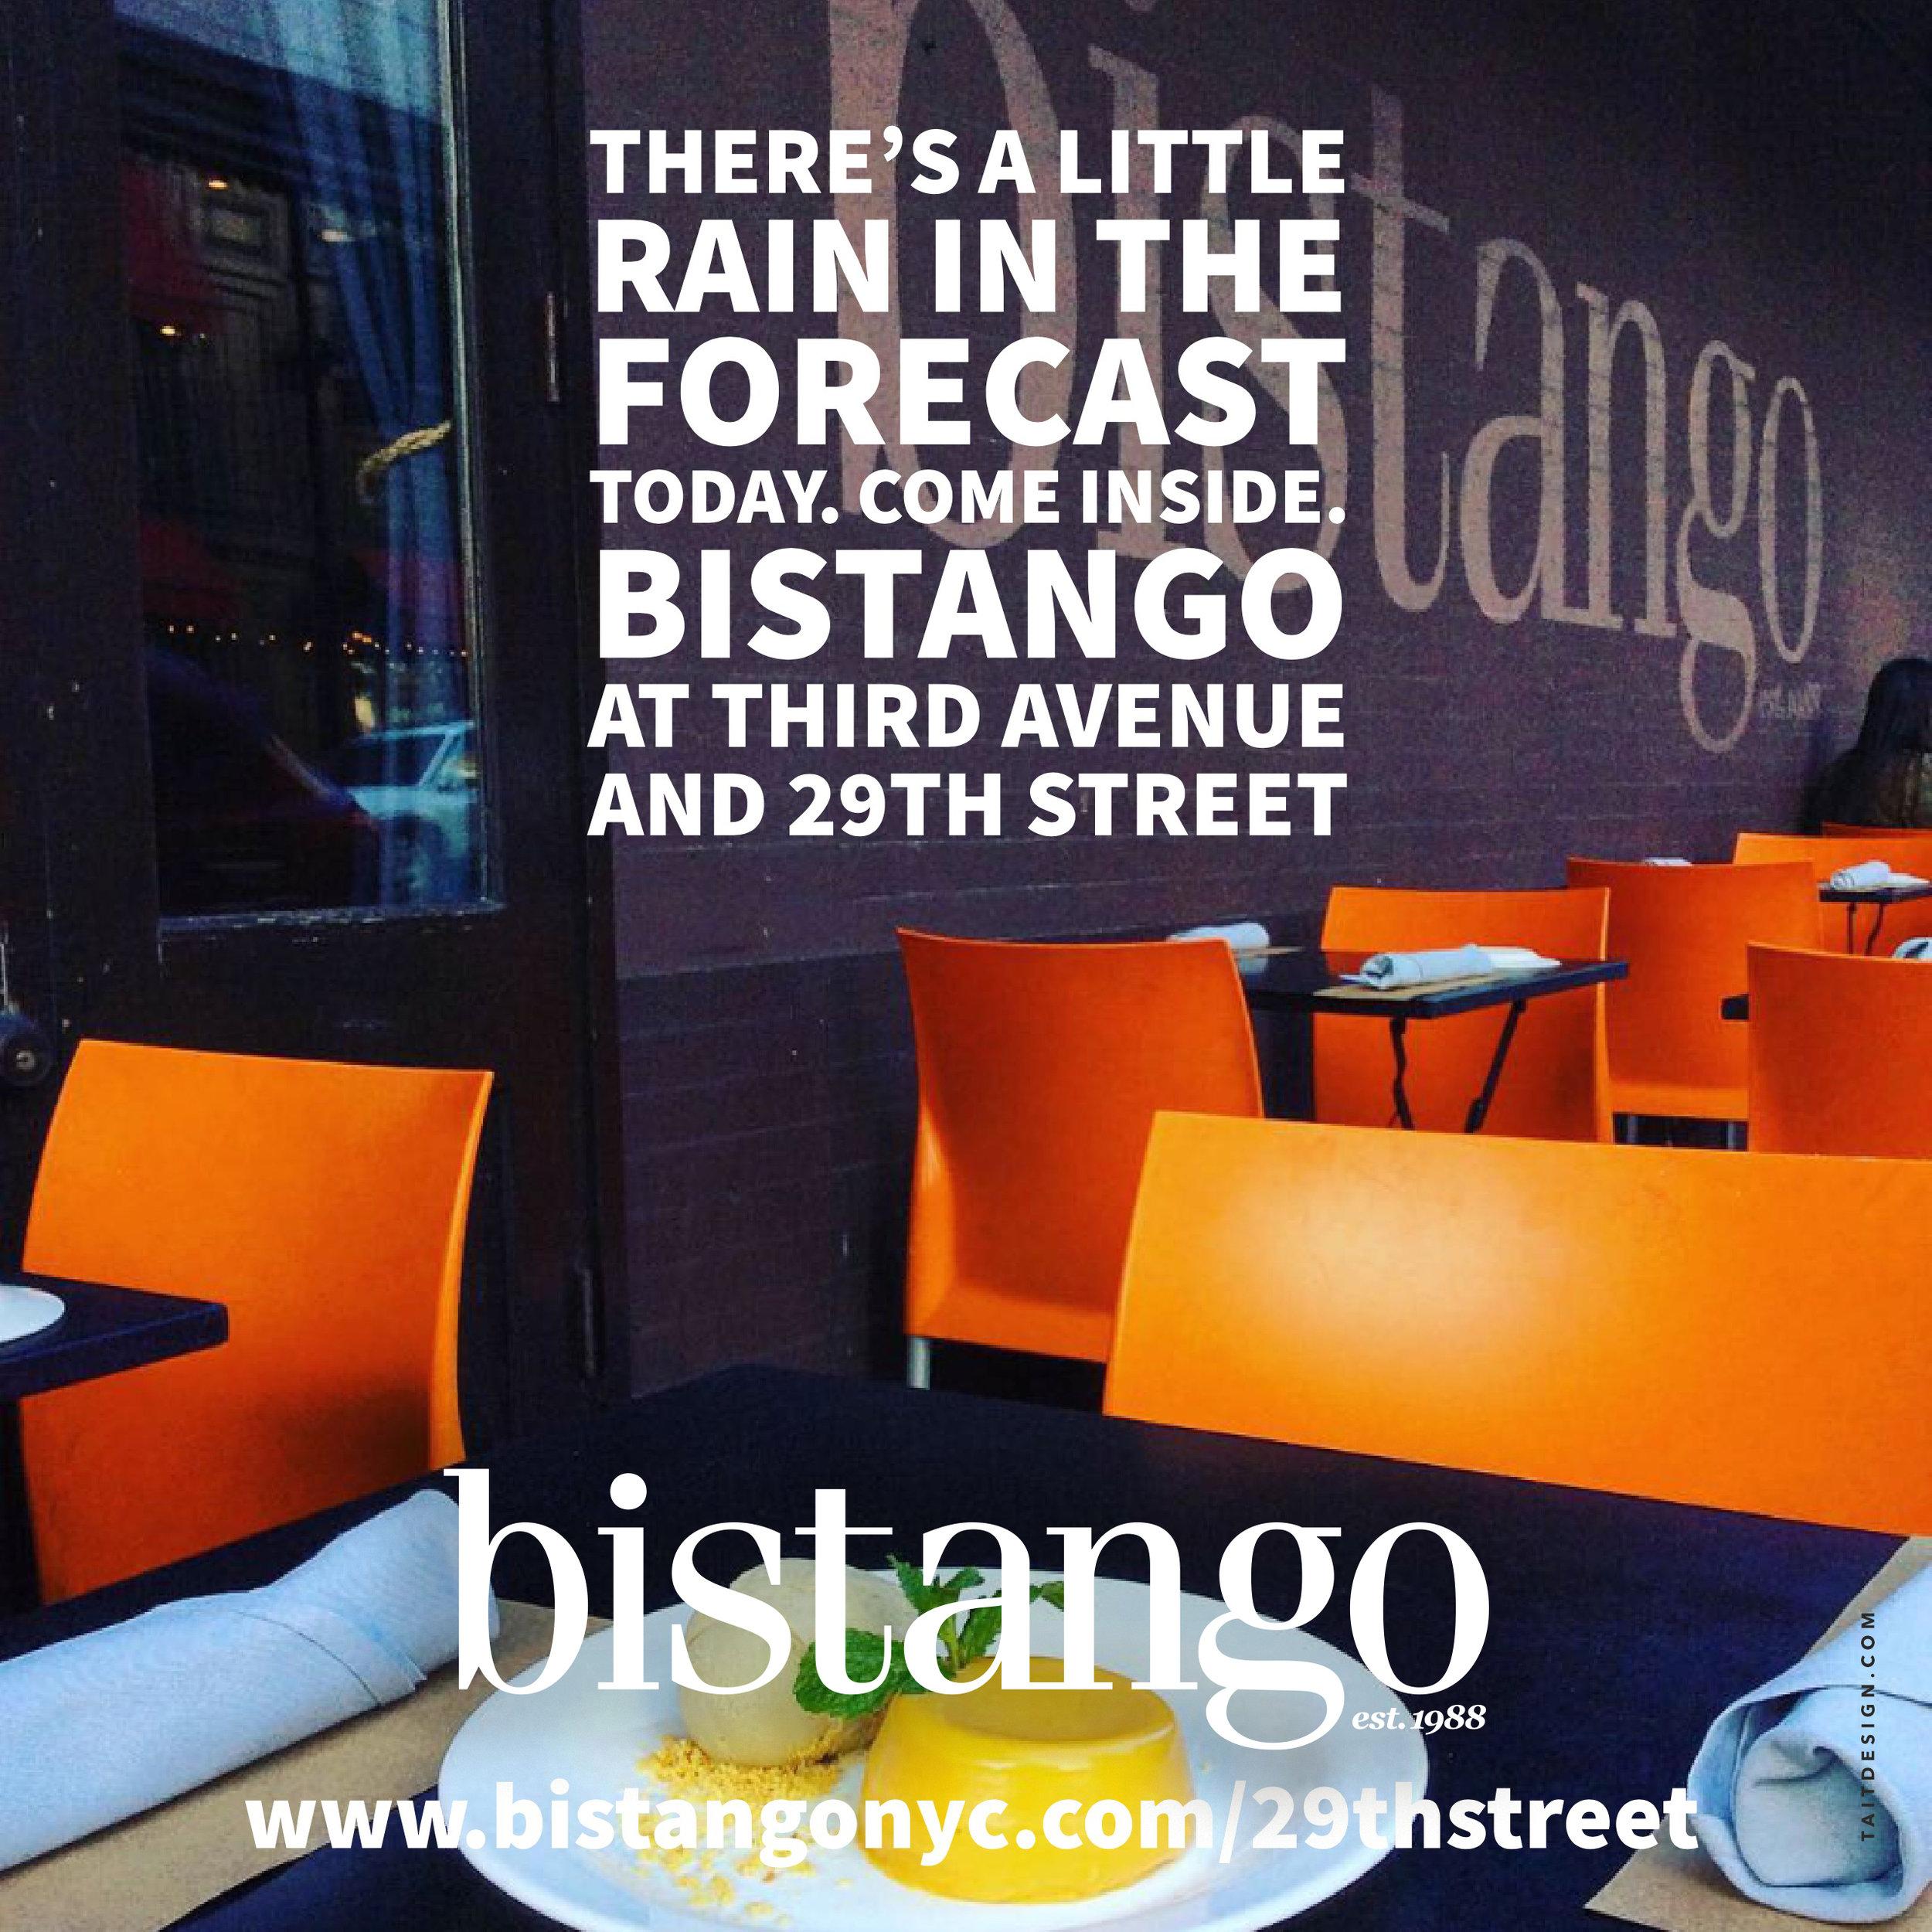 8October2017_bistango_1.jpg